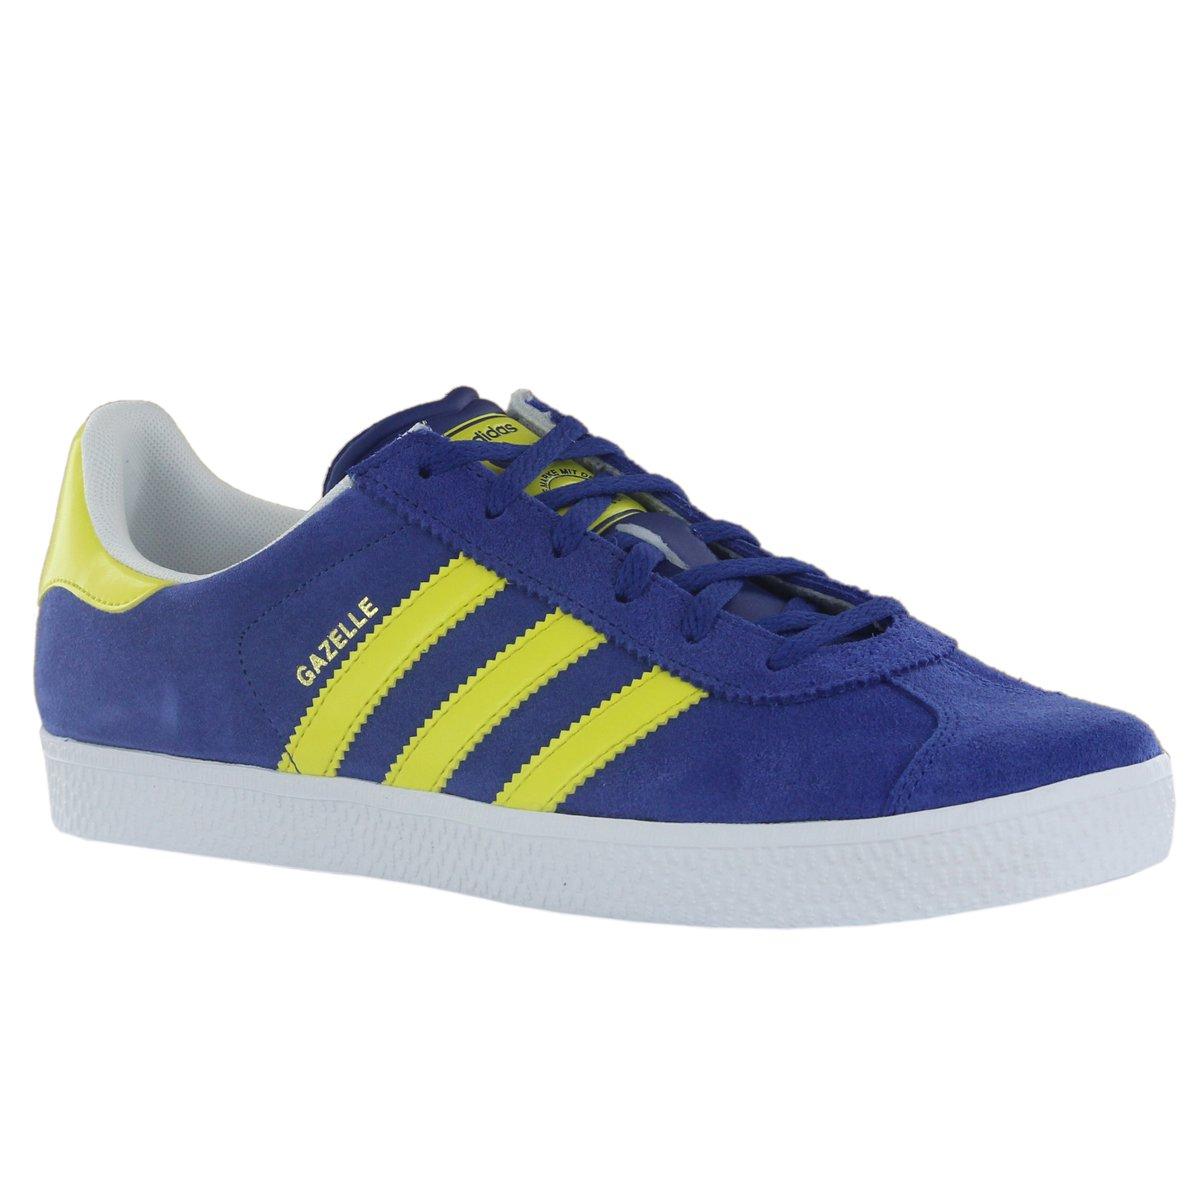 6569c767472f Adidas Gazelle 2 Blue Yellow Youth Trainers Size 3.5 UK  Amazon.co.uk   Shoes   Bags